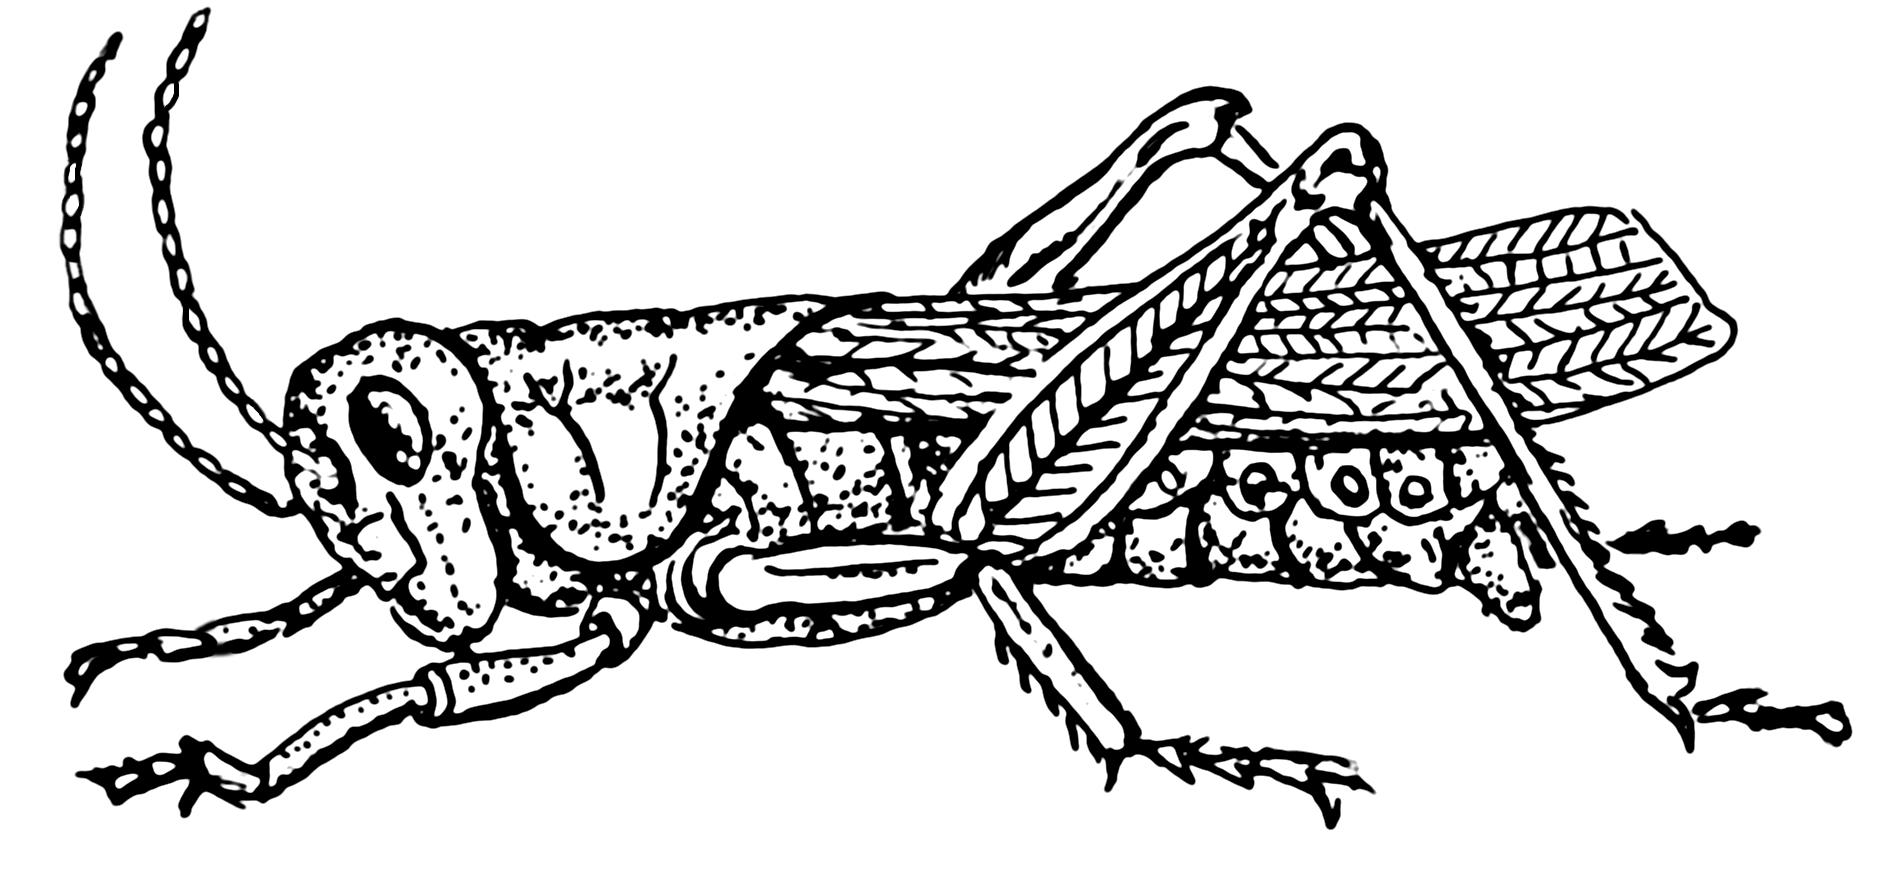 Drawn grasshopper Team  Caz Ye Marc